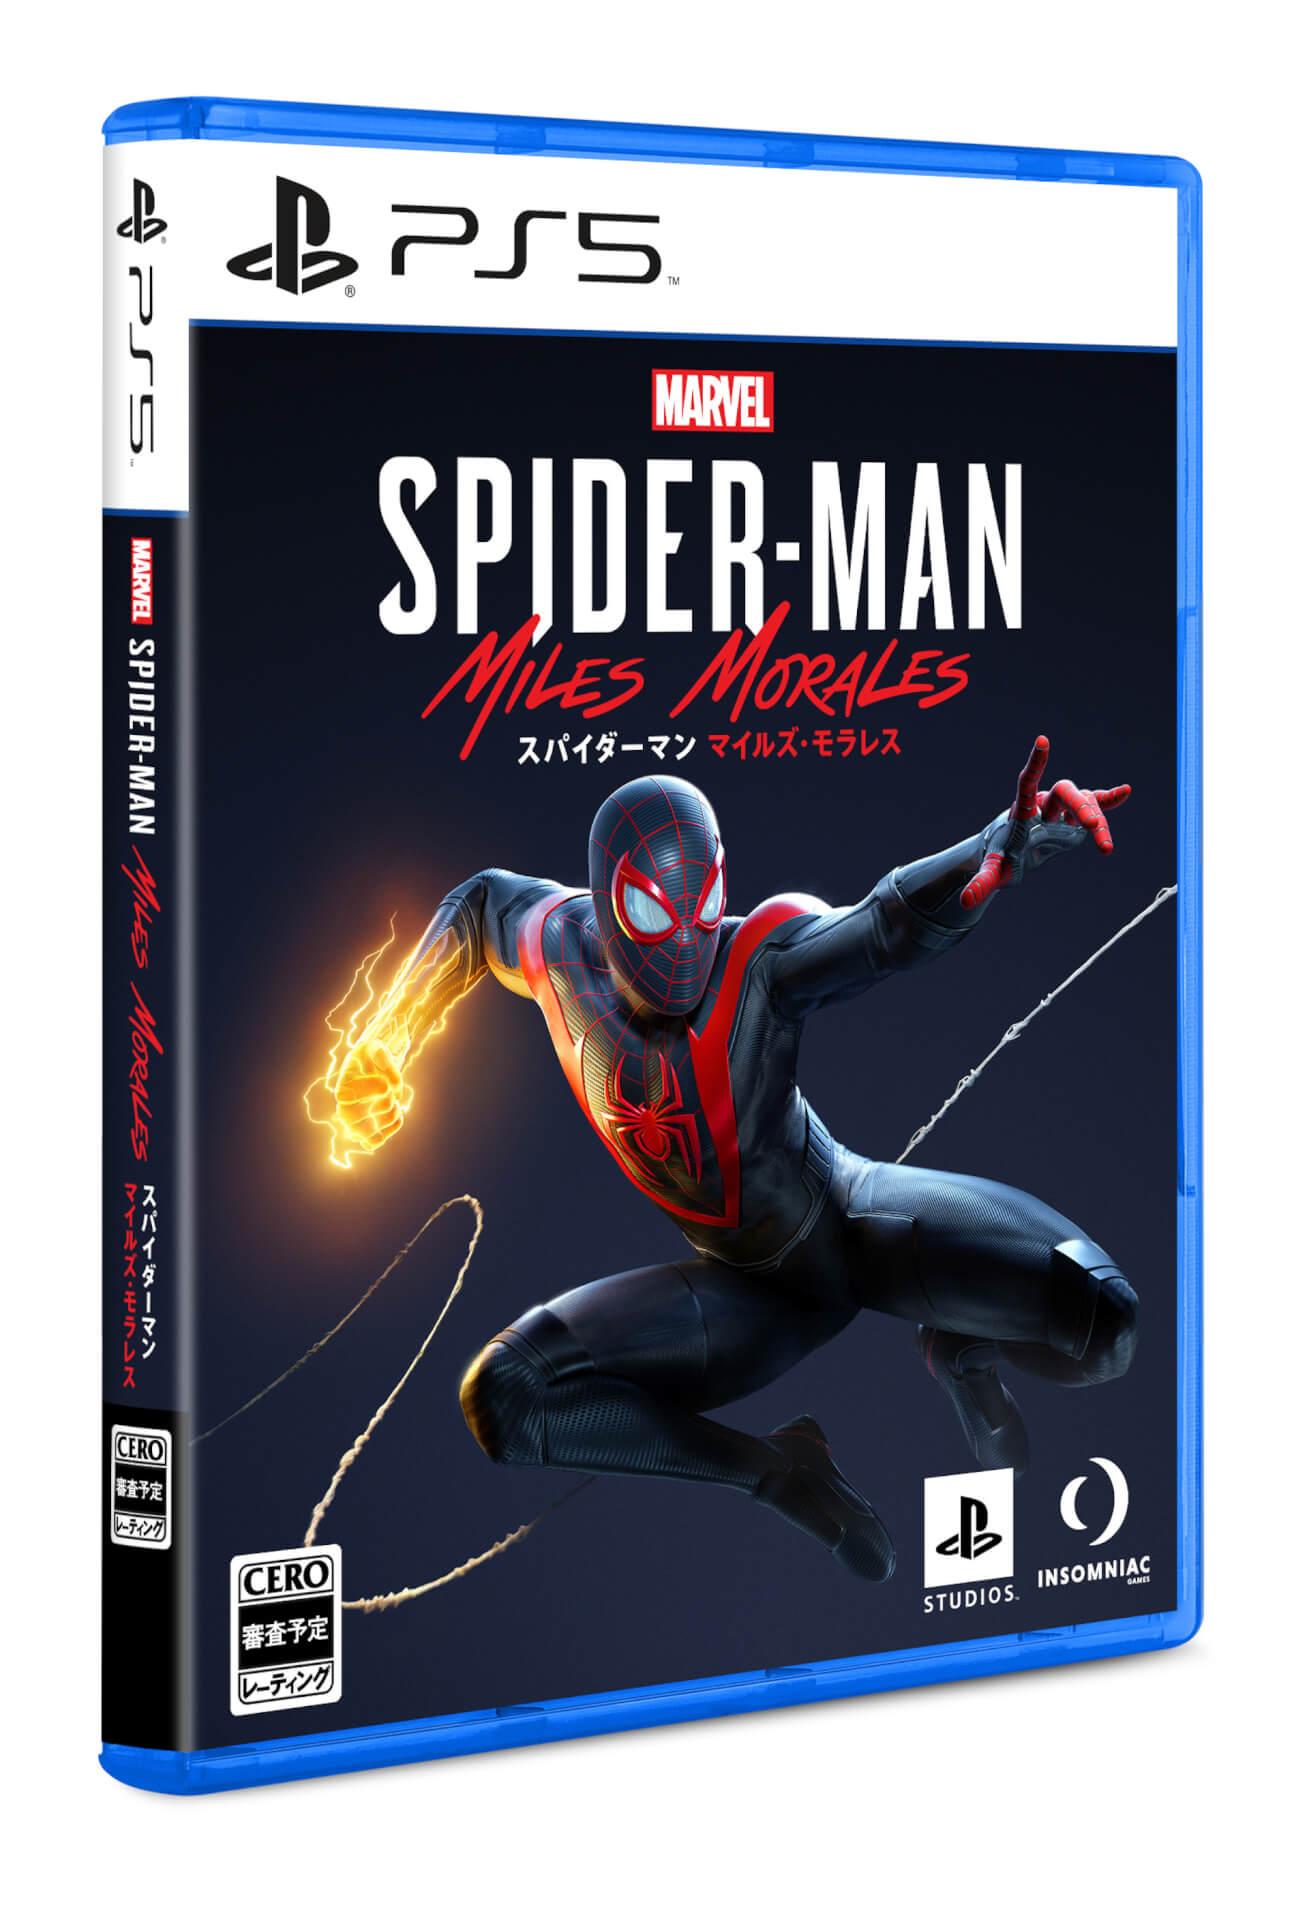 『スパイダーマン』のマイルズ・モラレスとなってNYの街を守り抜け!『Marvel's Spider-Man: Miles Morales』が来週ついに発売 tech201106_spiderman_ps5_6